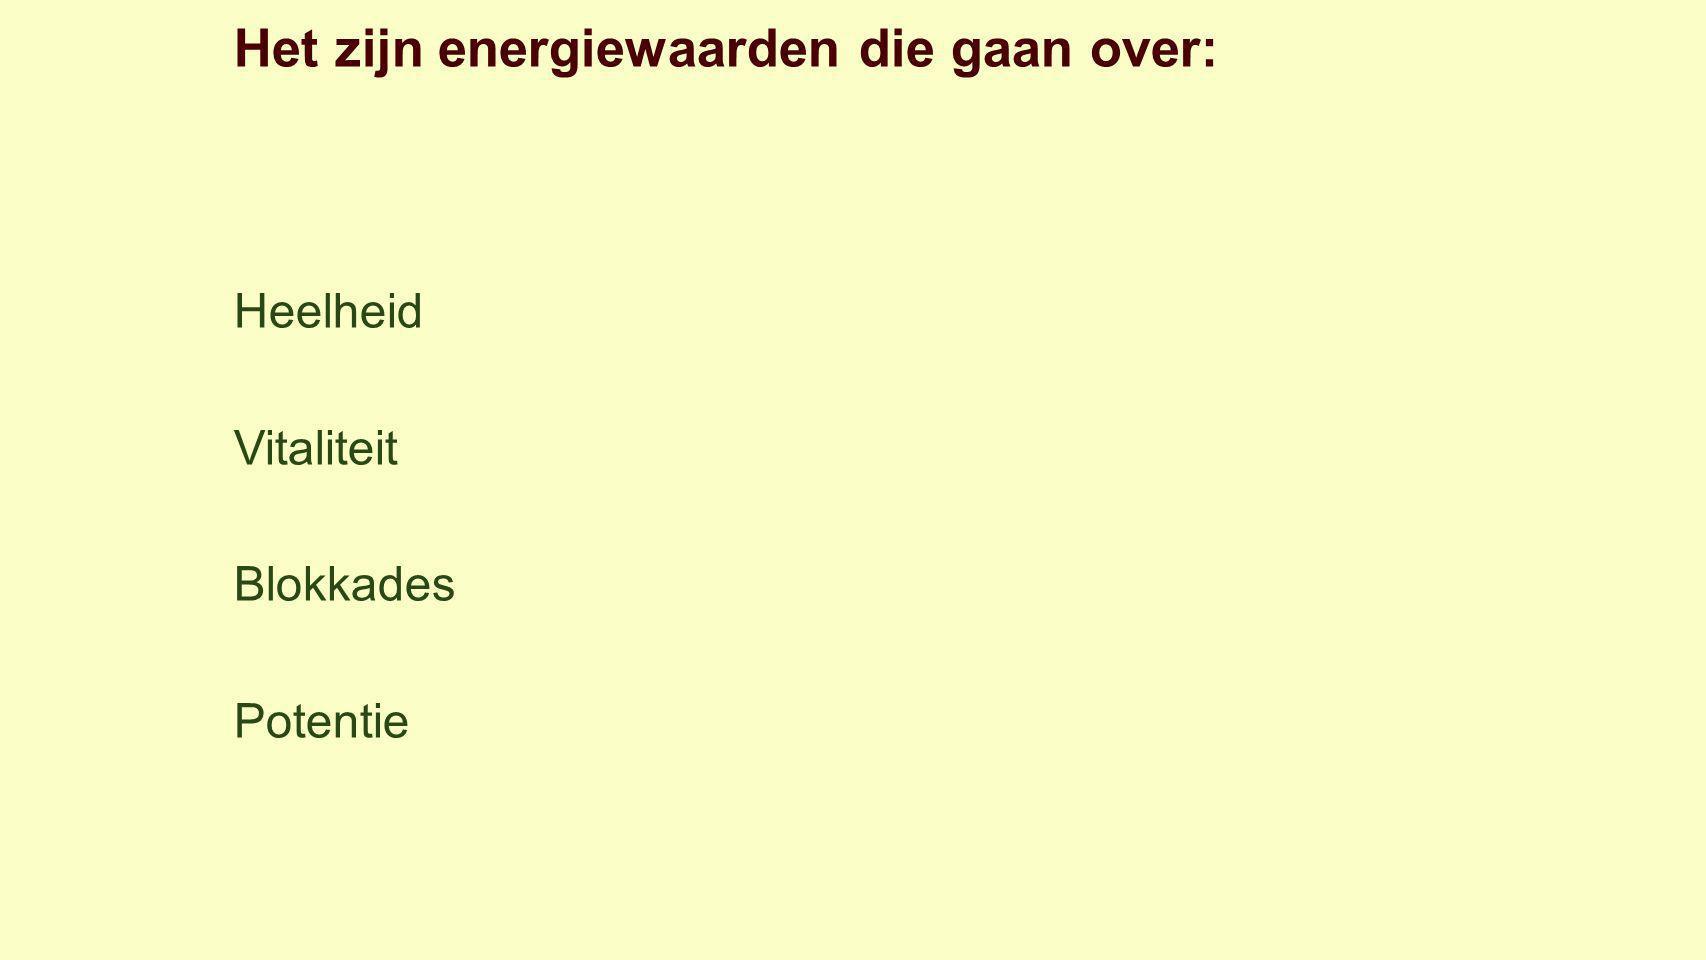 Het zijn energiewaarden die gaan over: Heelheid Vitaliteit Blokkades Potentie